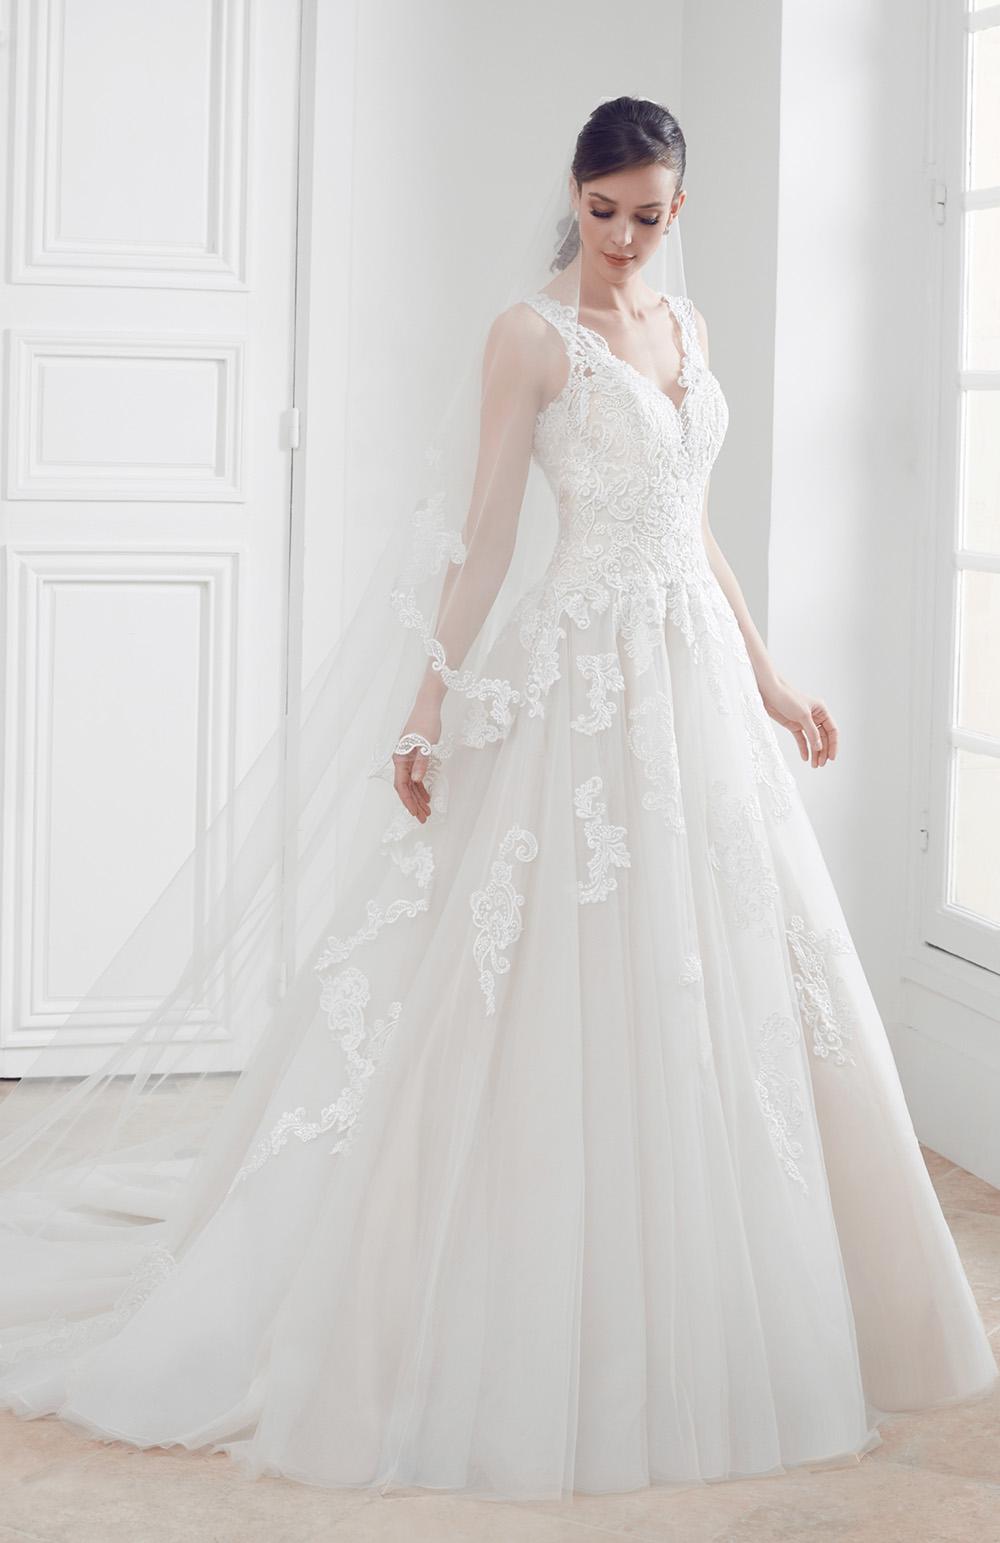 Robe de mariée Modèle Olwen